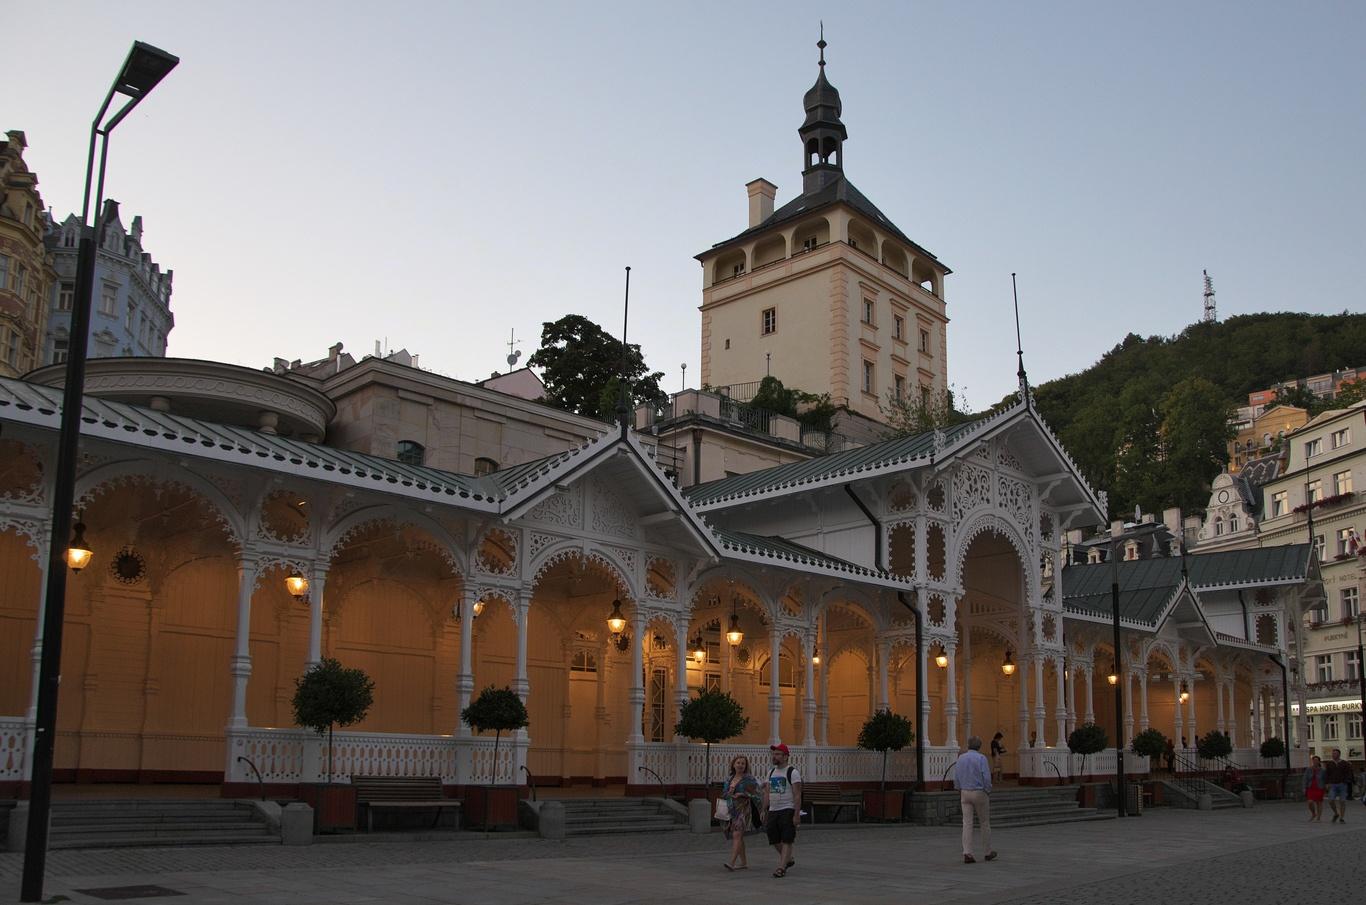 Tržní kolonáda a zámecká věž